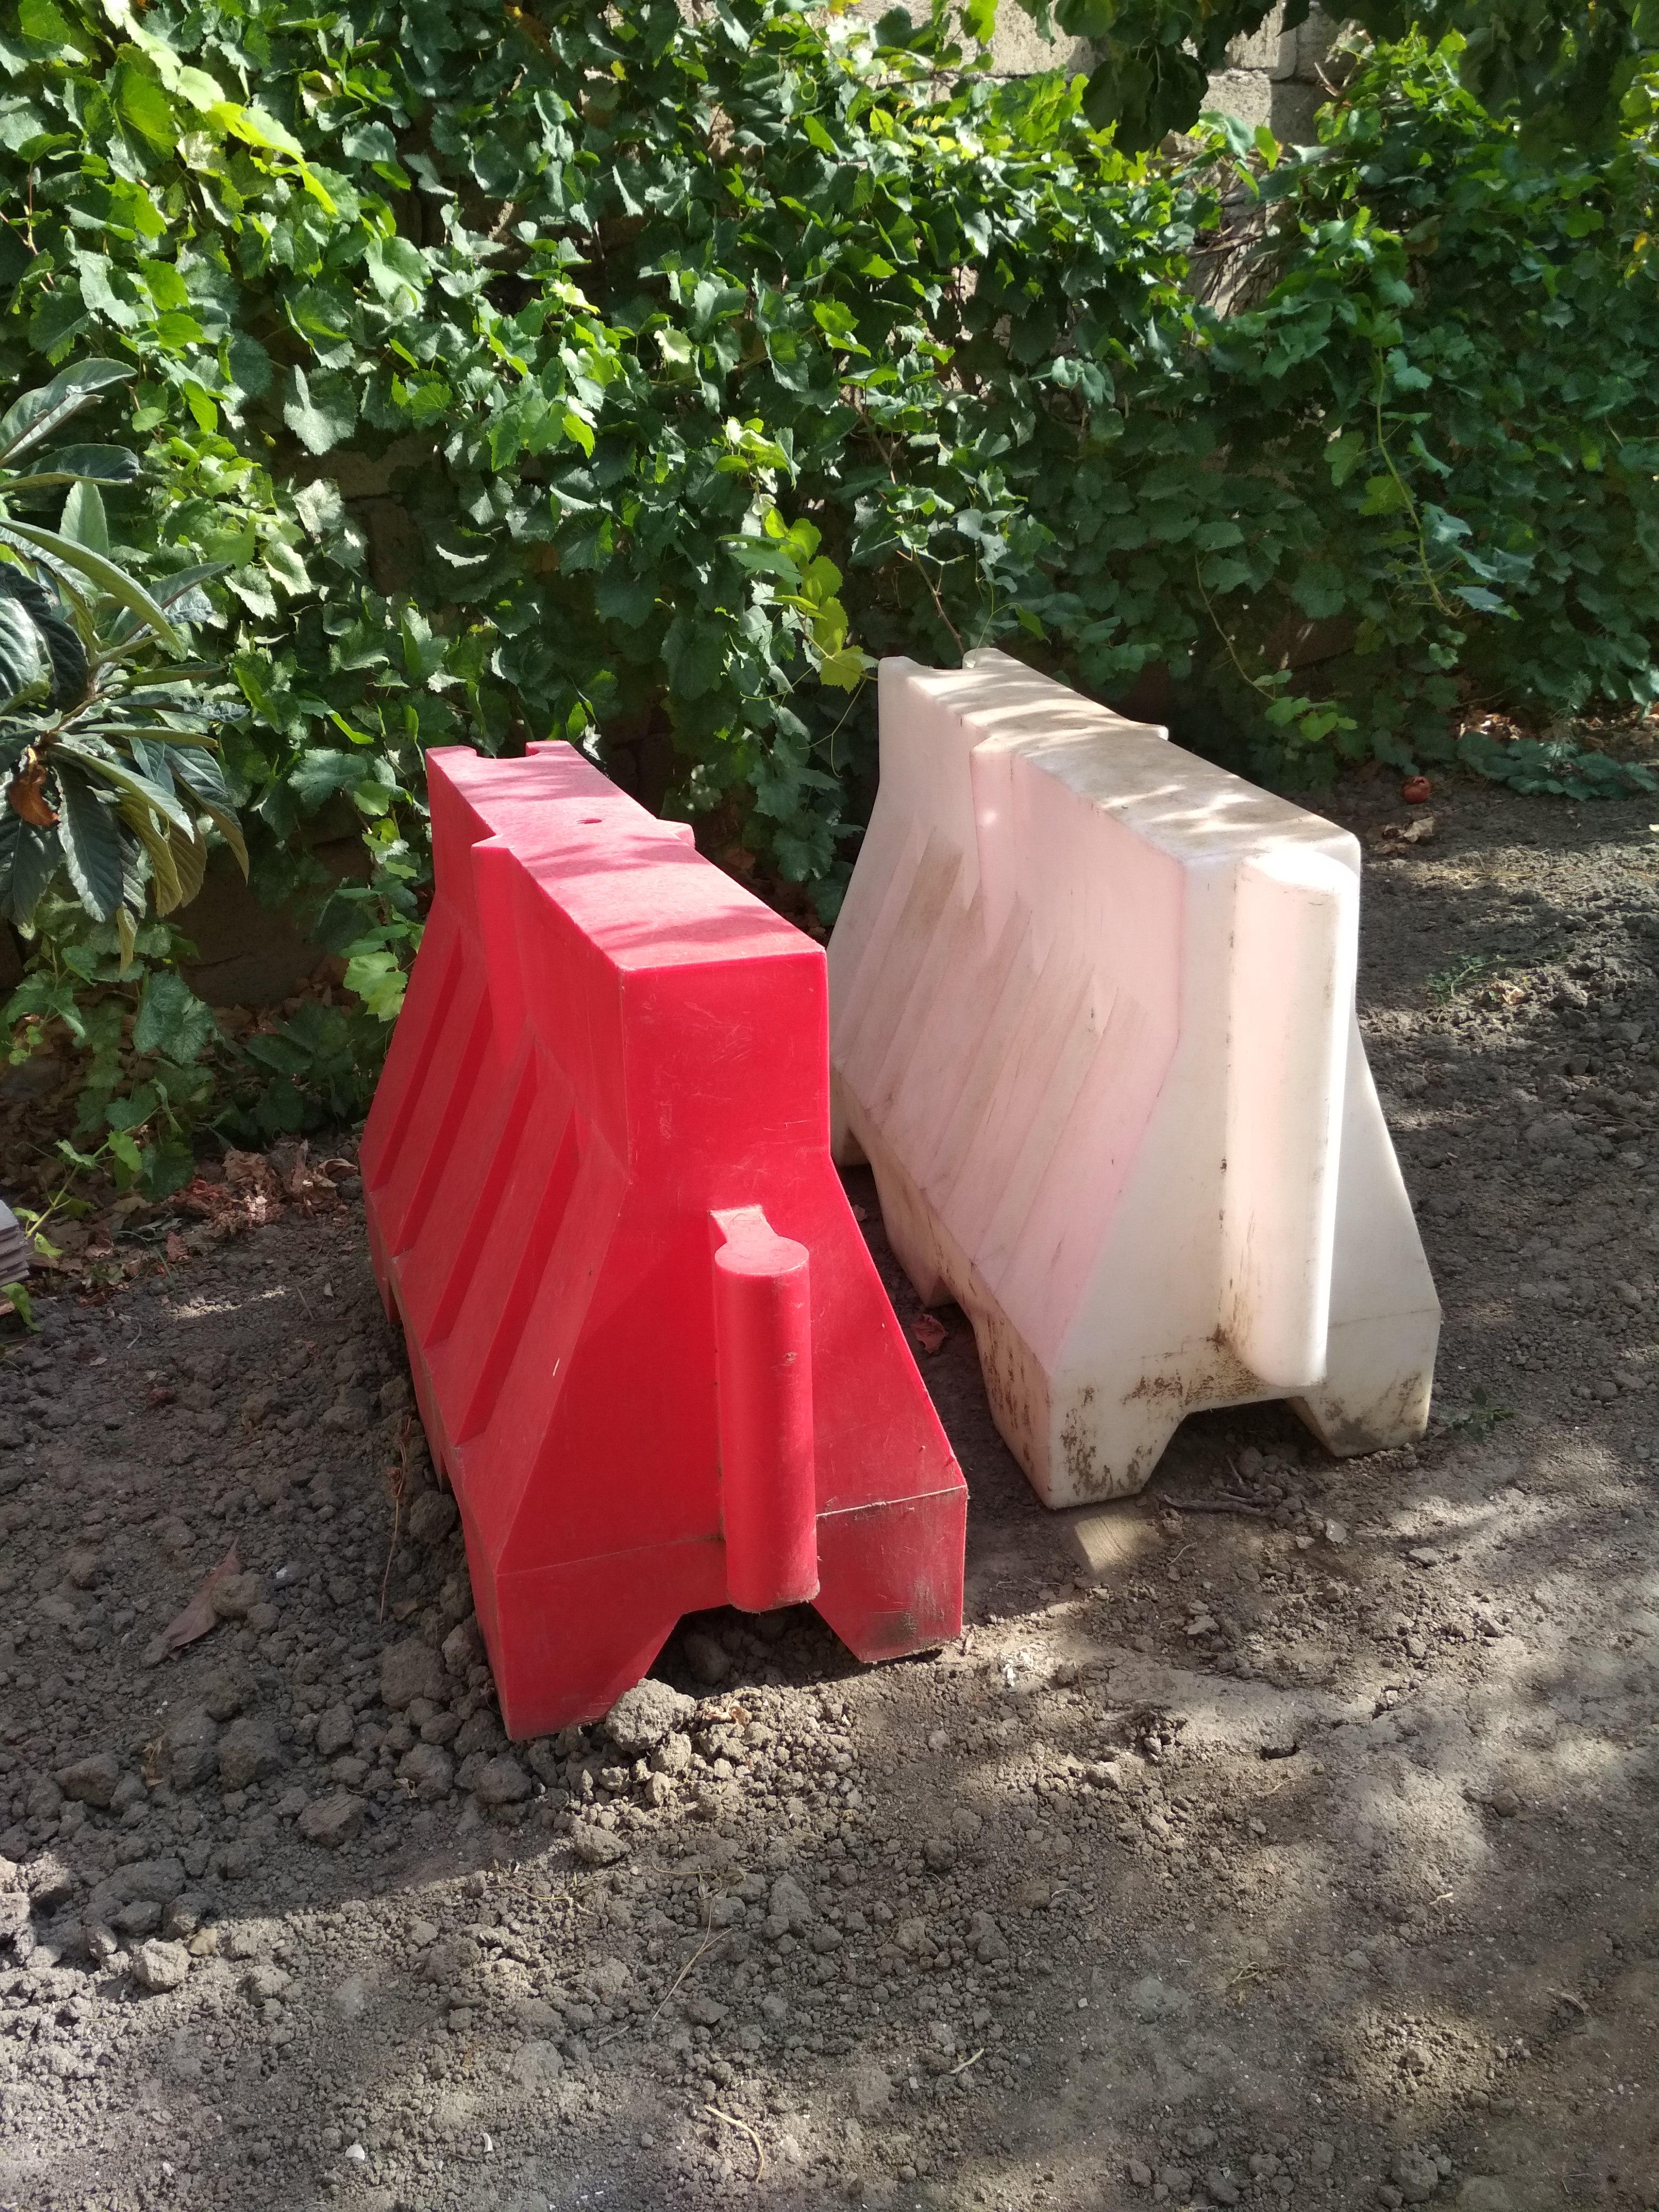 Əla vəziyyətdə 2 ədəd plastmas yol bloku. Müxtəlif